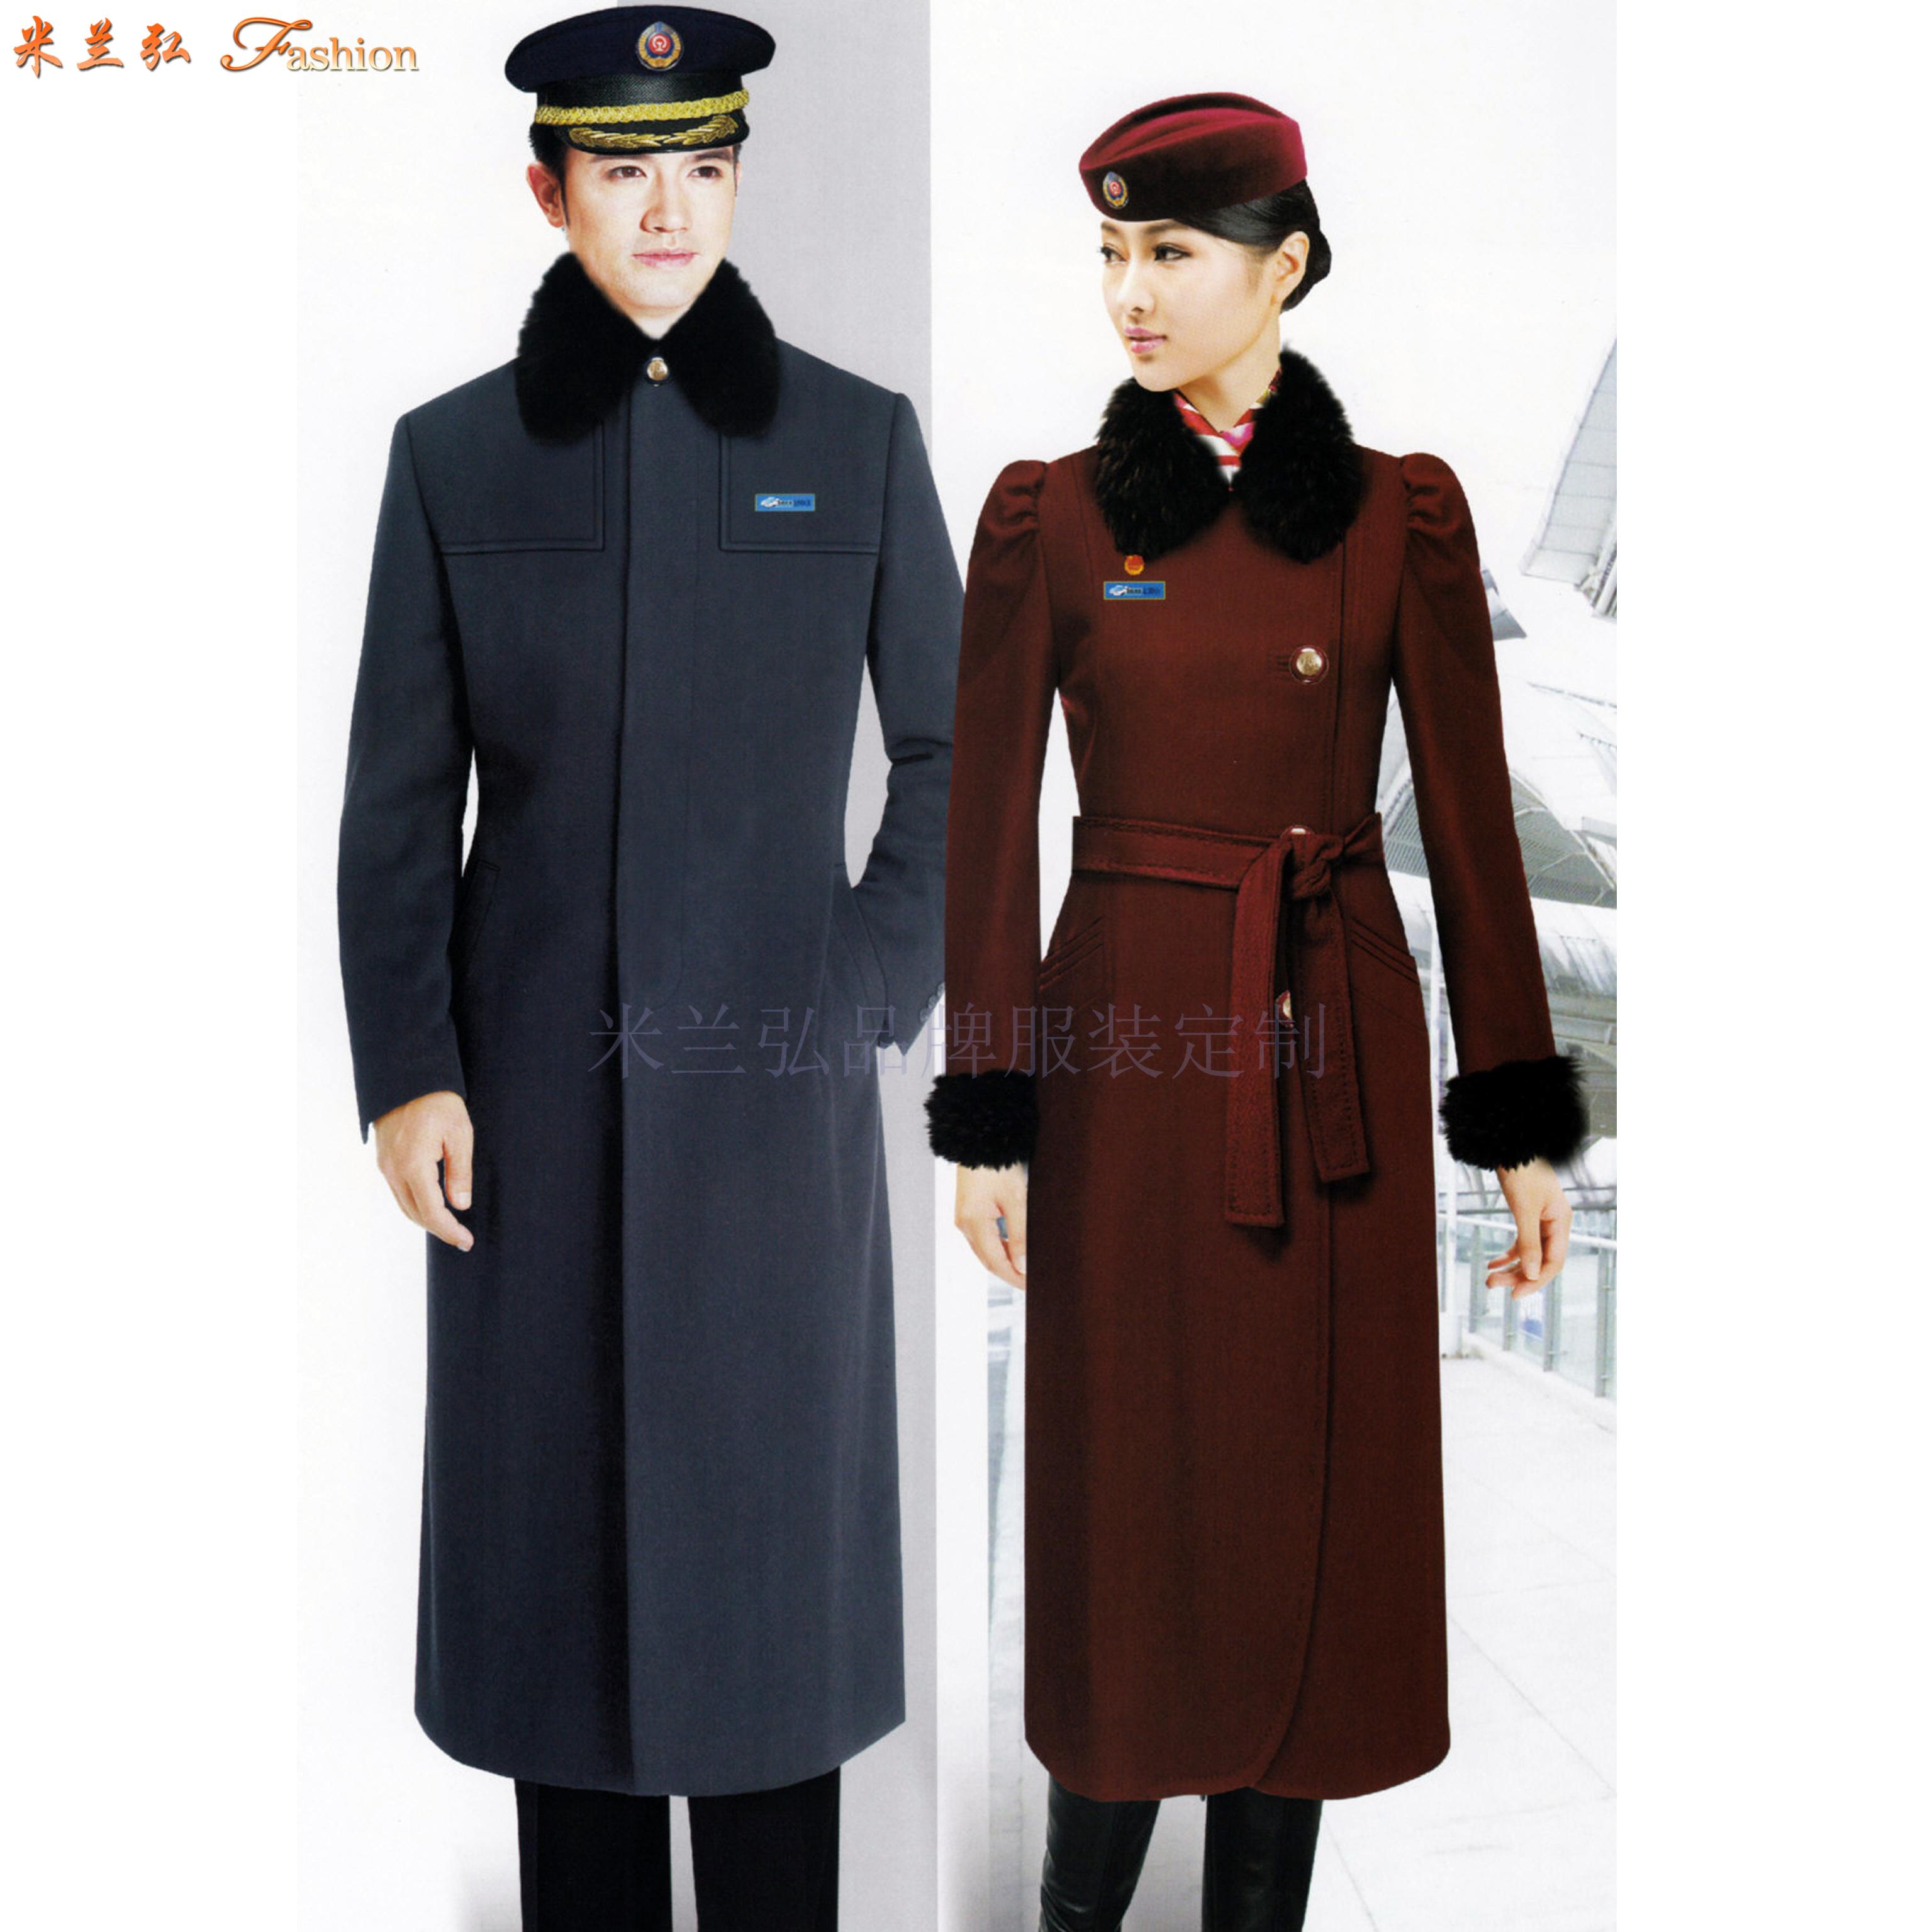 「航空高鐵大衣」采購批發市場優質高鐵大衣價格品牌廠商_米蘭弘-5